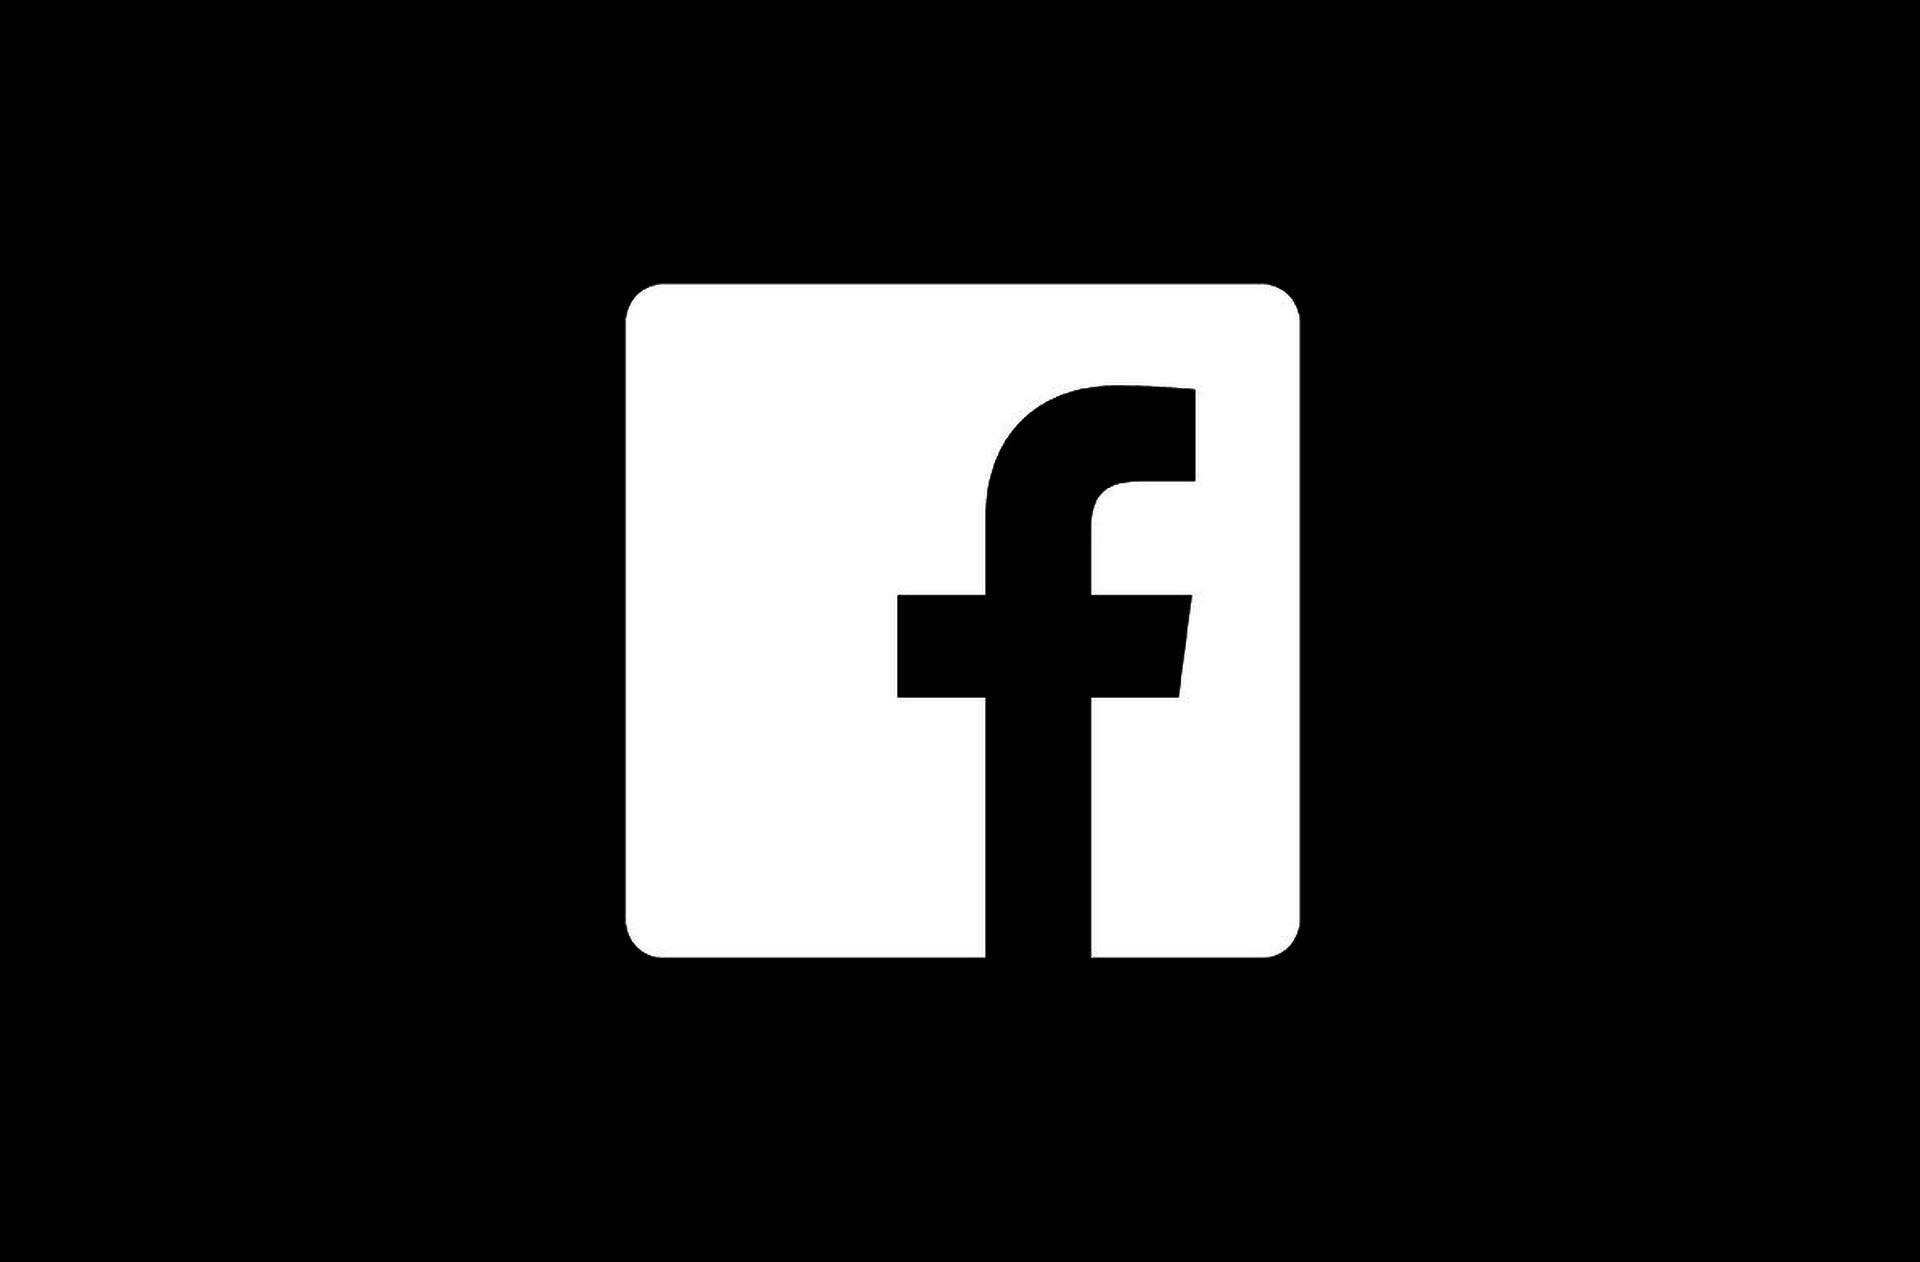 Facebook wprowadza ciemny tryb do swojej aplikacji na iOS/iPadOS